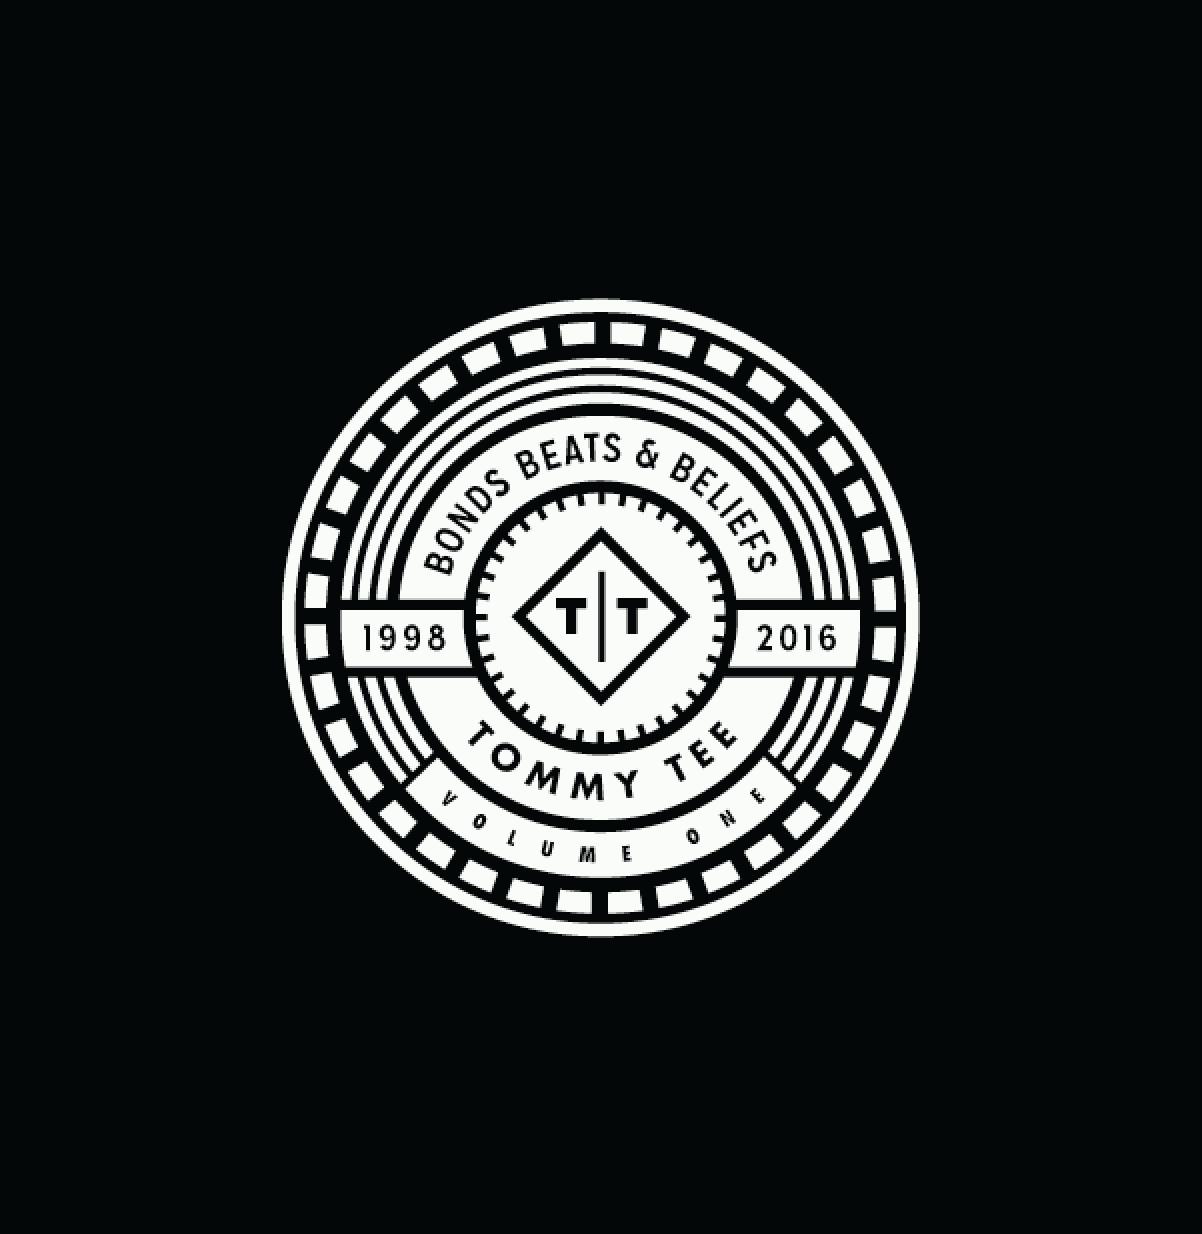 Tommy Tee - Bonds Beats & Belief [2xLP]